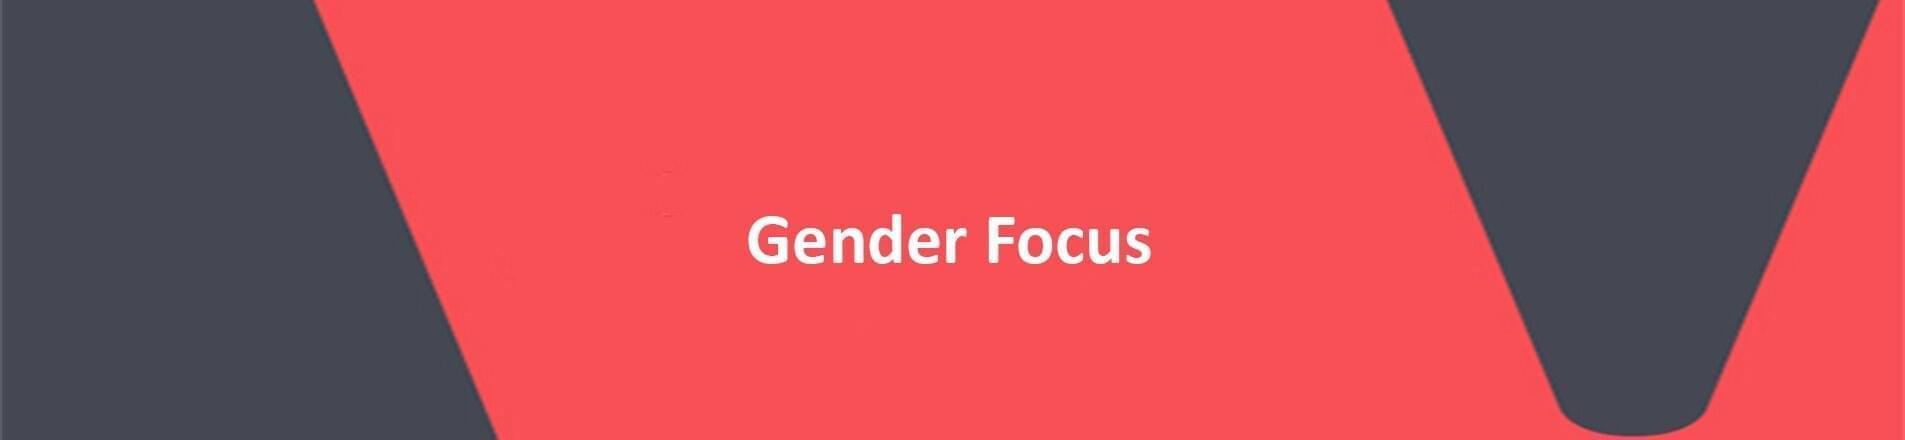 Gender focus on red VERCIDA background